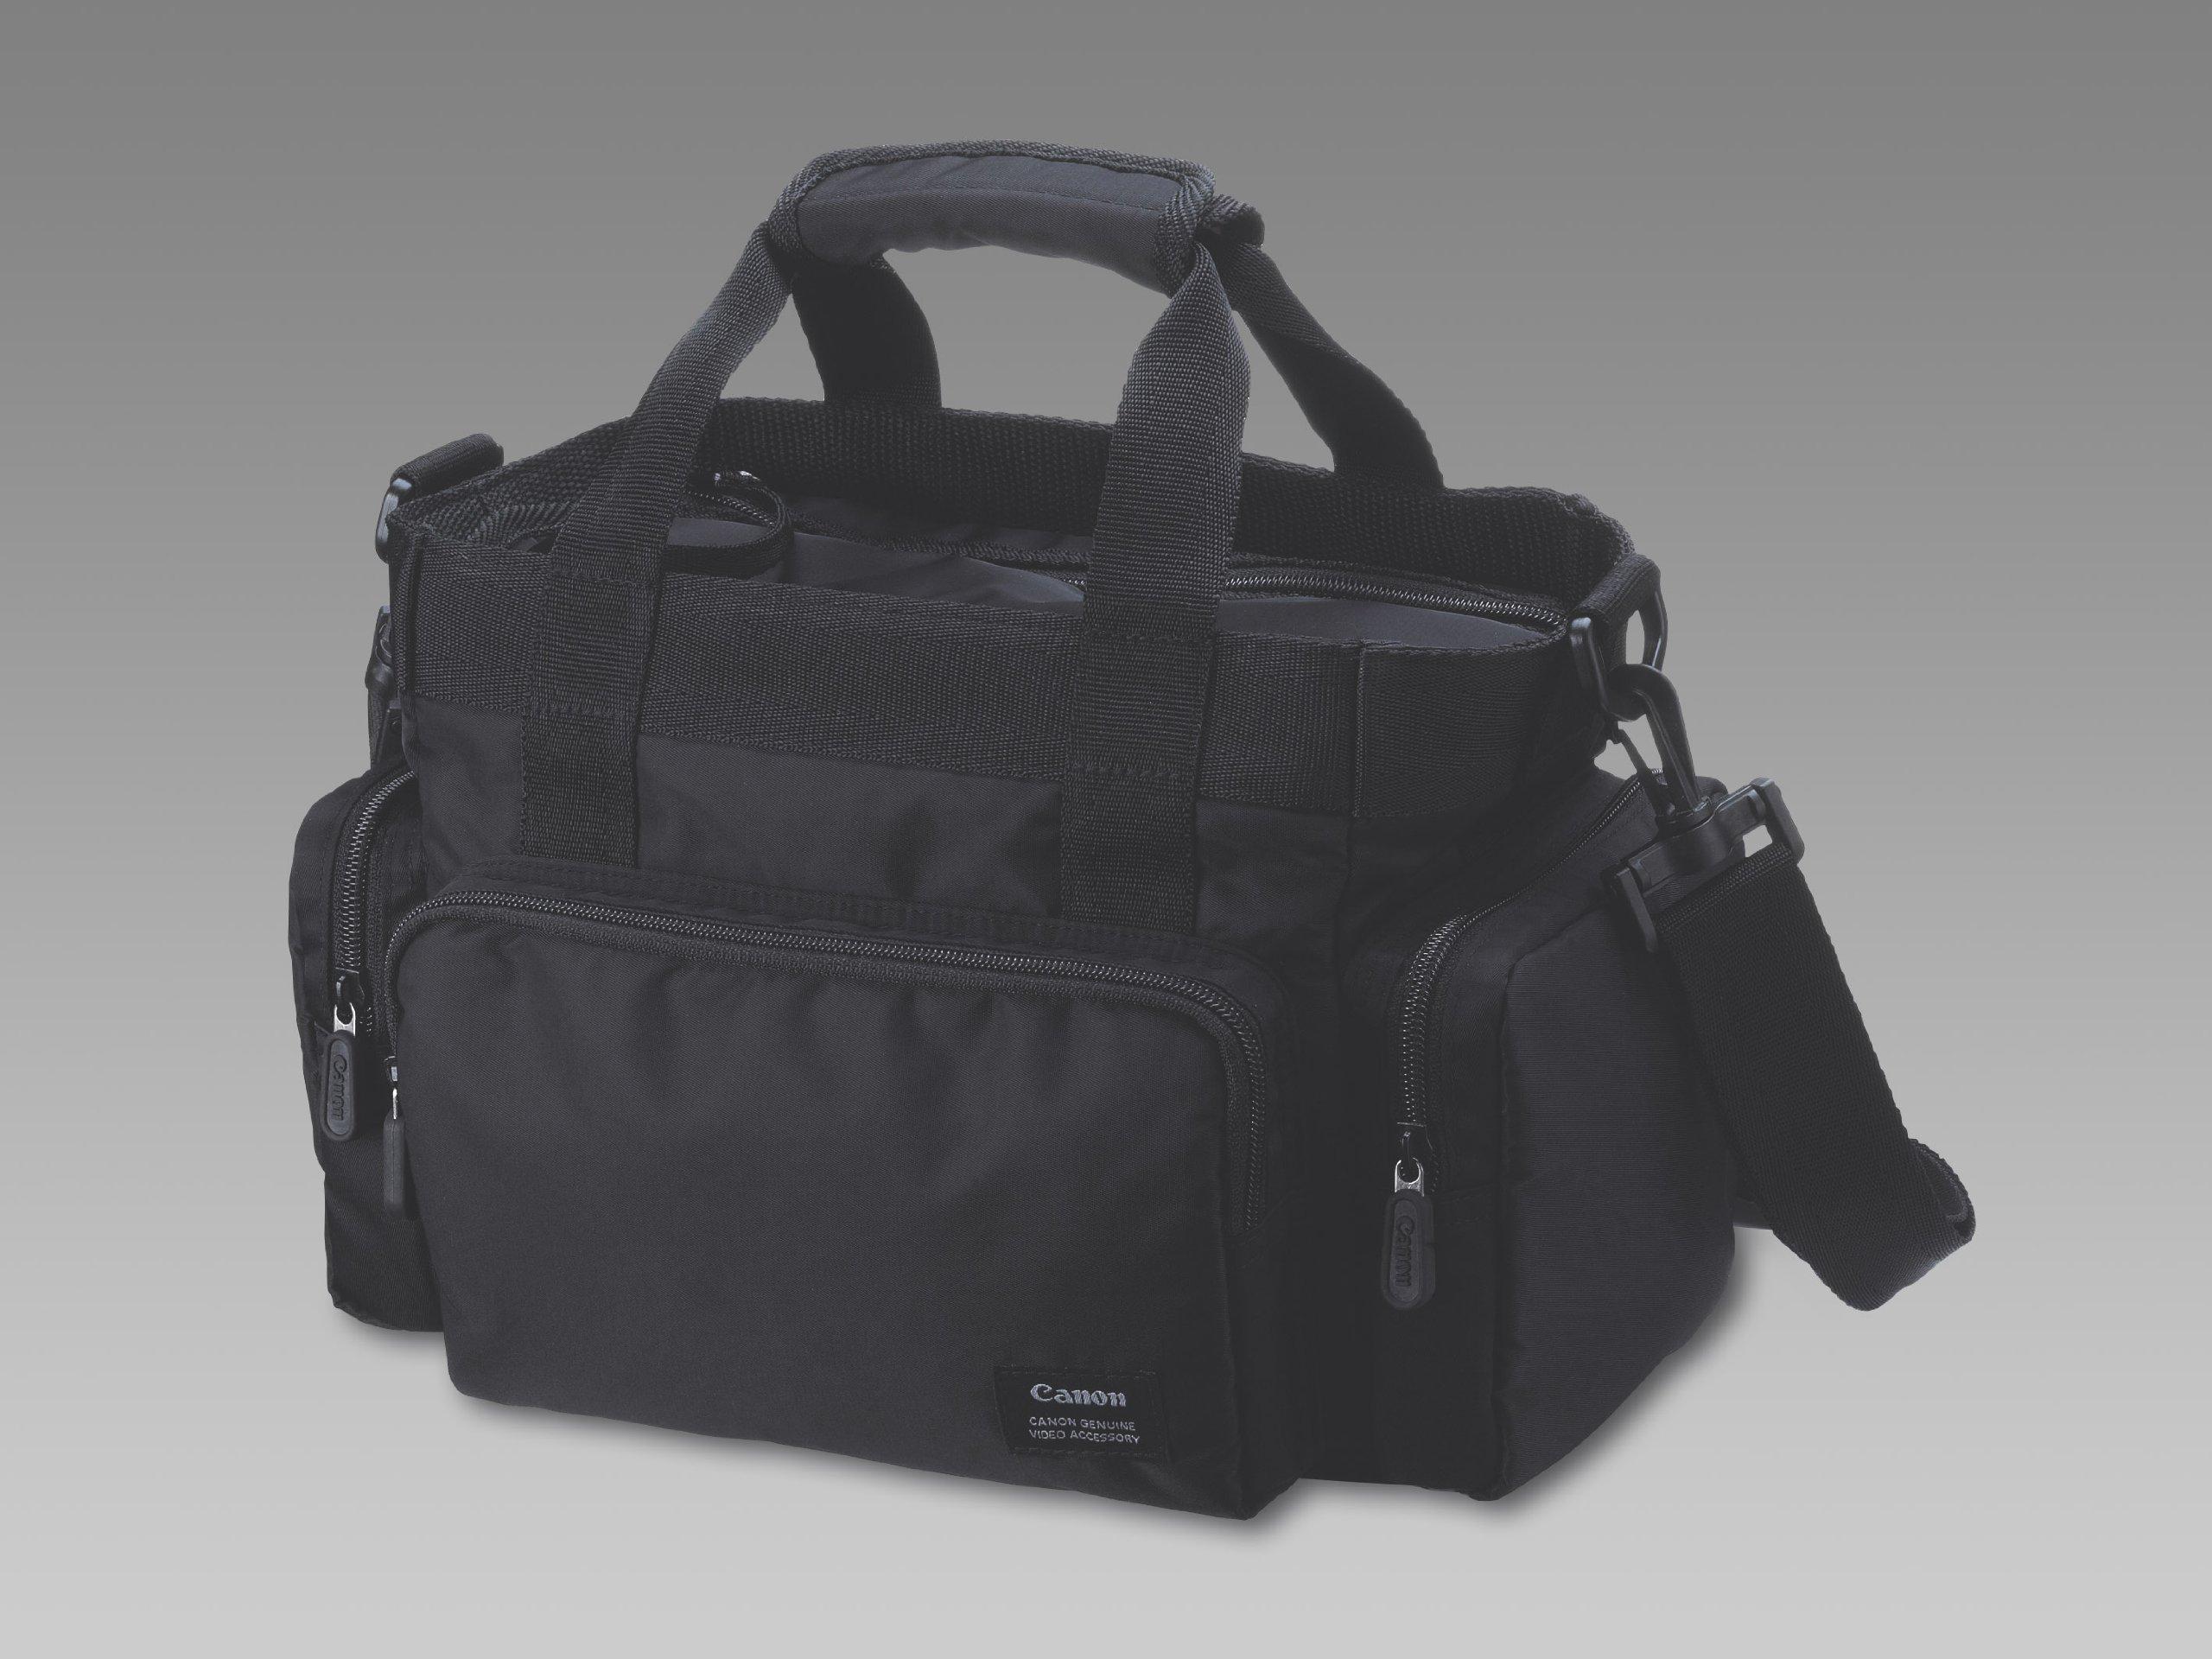 Canon Soft Case SC-2000 for XA25, XA20, XA10 Professional Camcorder